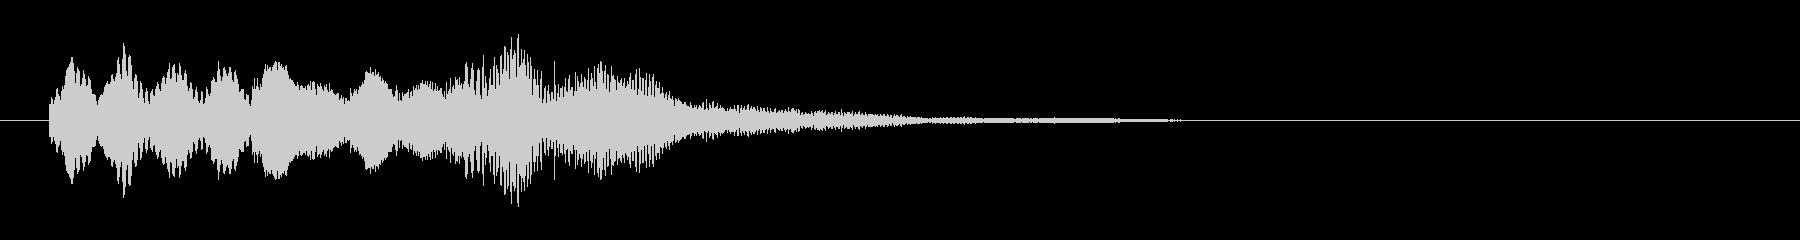 バリの風鈴のような打楽器の音の未再生の波形